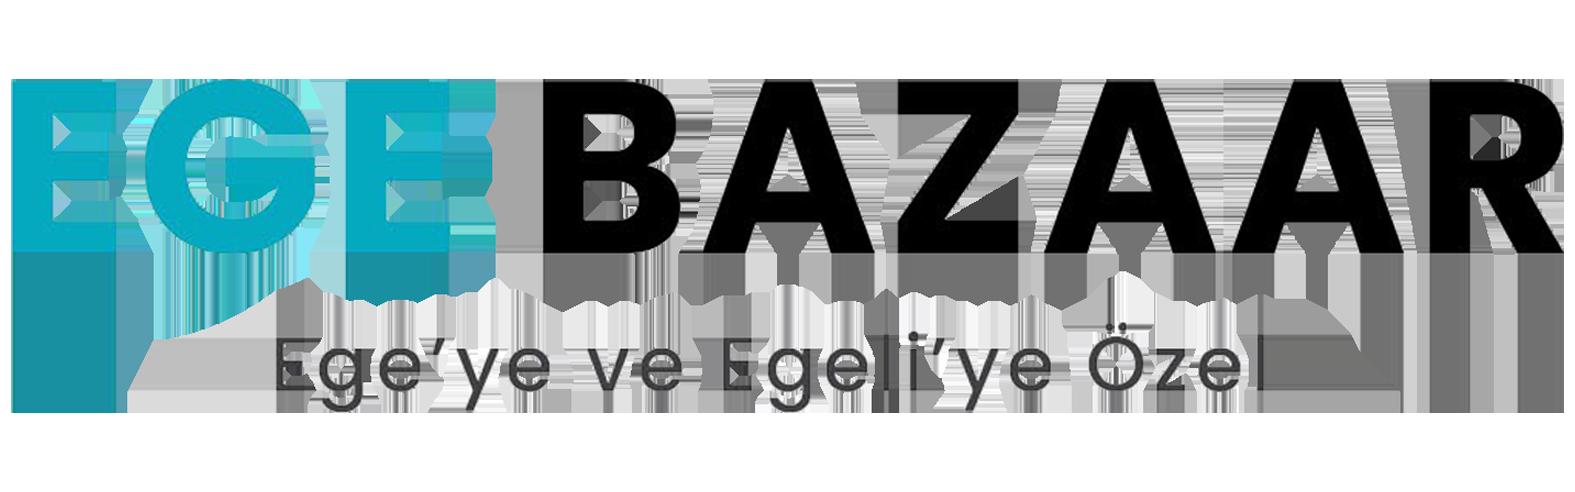 EgeBazaar.com | Özel Tasarým Ege Ürünleri - Ücretsiz Kargo